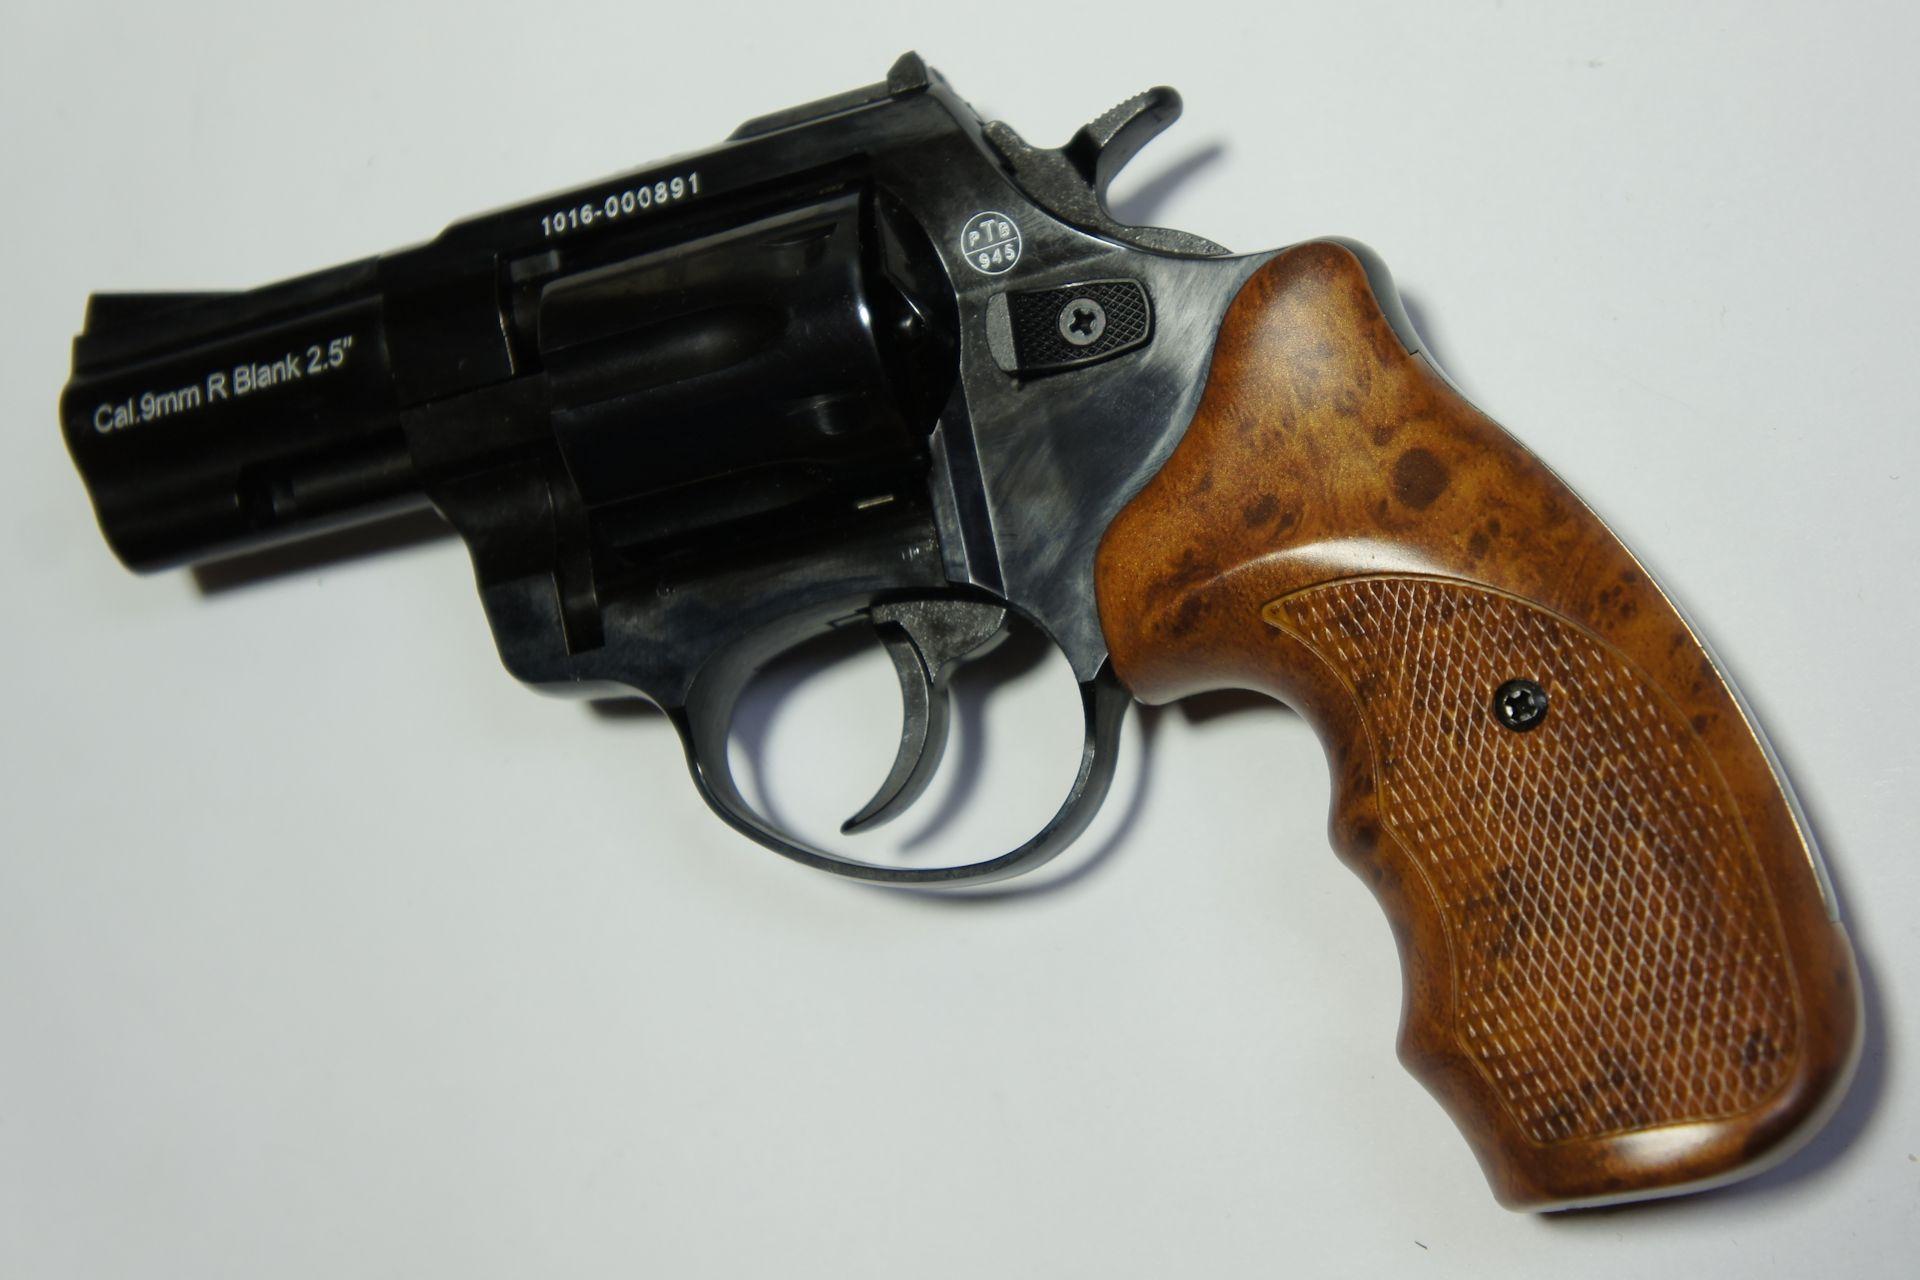 Zoraki R1 Shiny Gas und Signal Revolver mit schönem Griff in hölzerner Optik